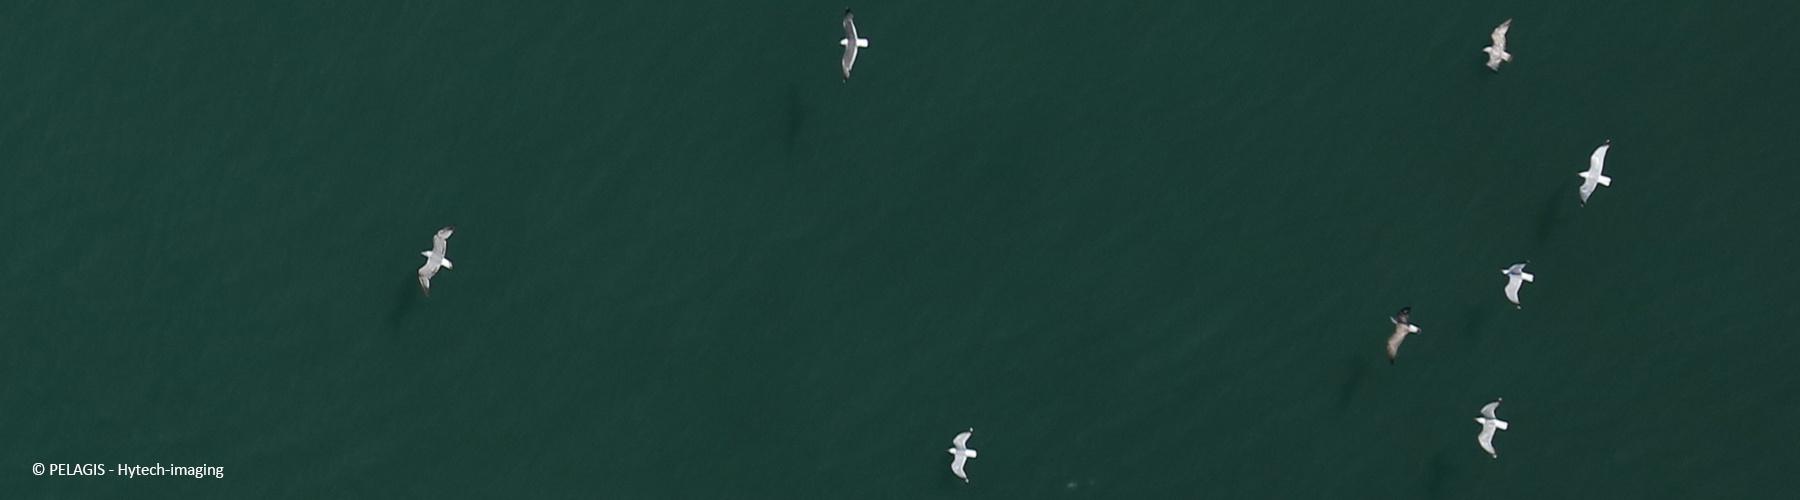 Suivi de la mégafaune marine par imagerie aérienne